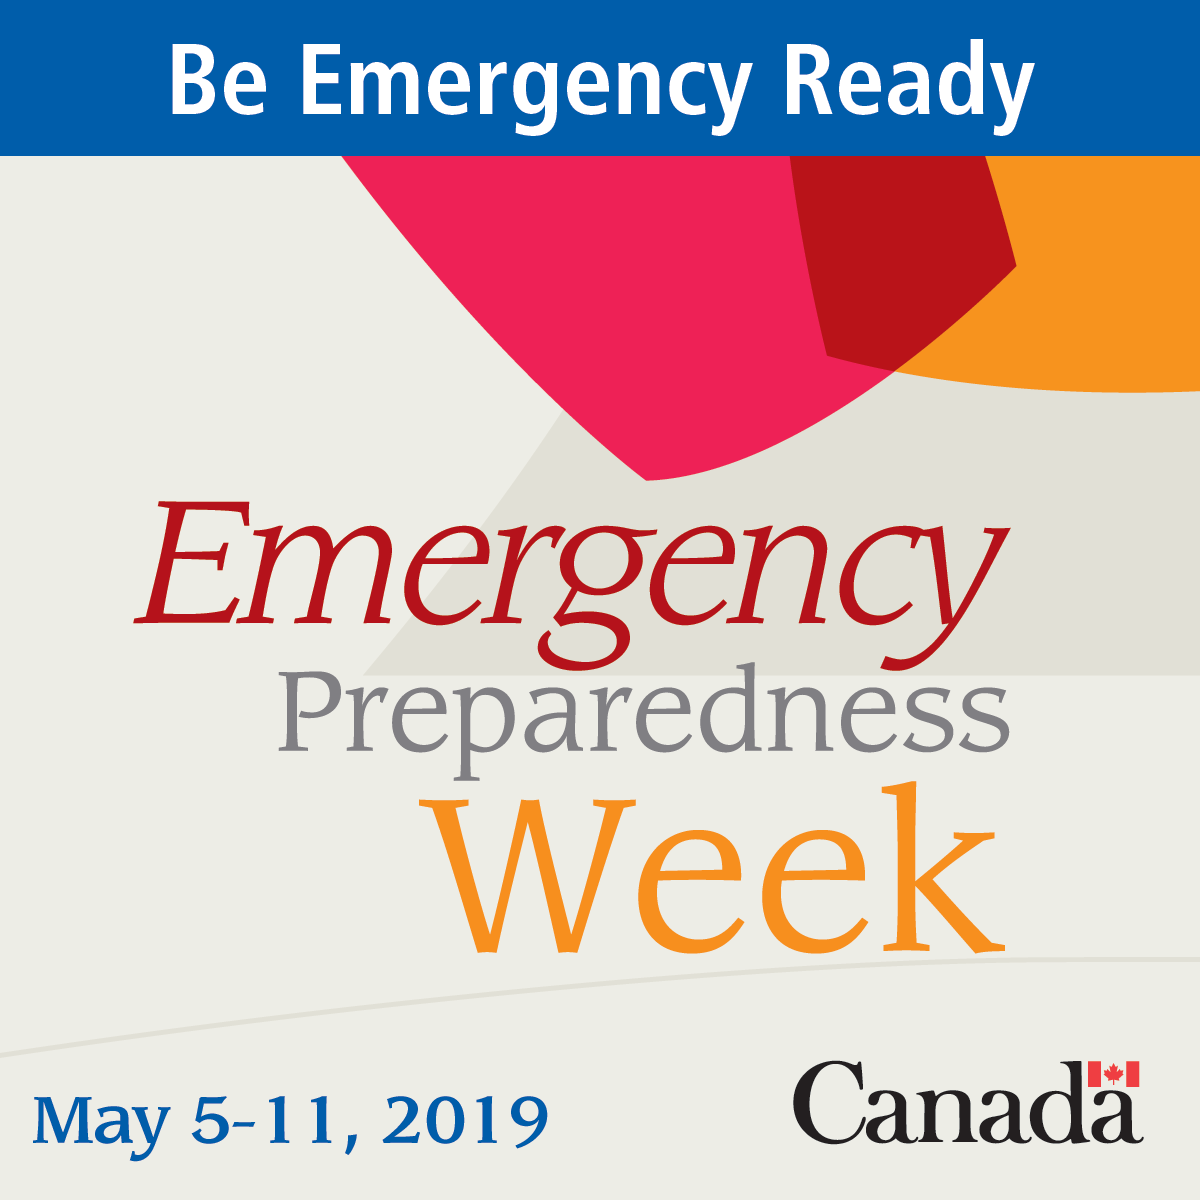 Emergency Preparedness Week 2019